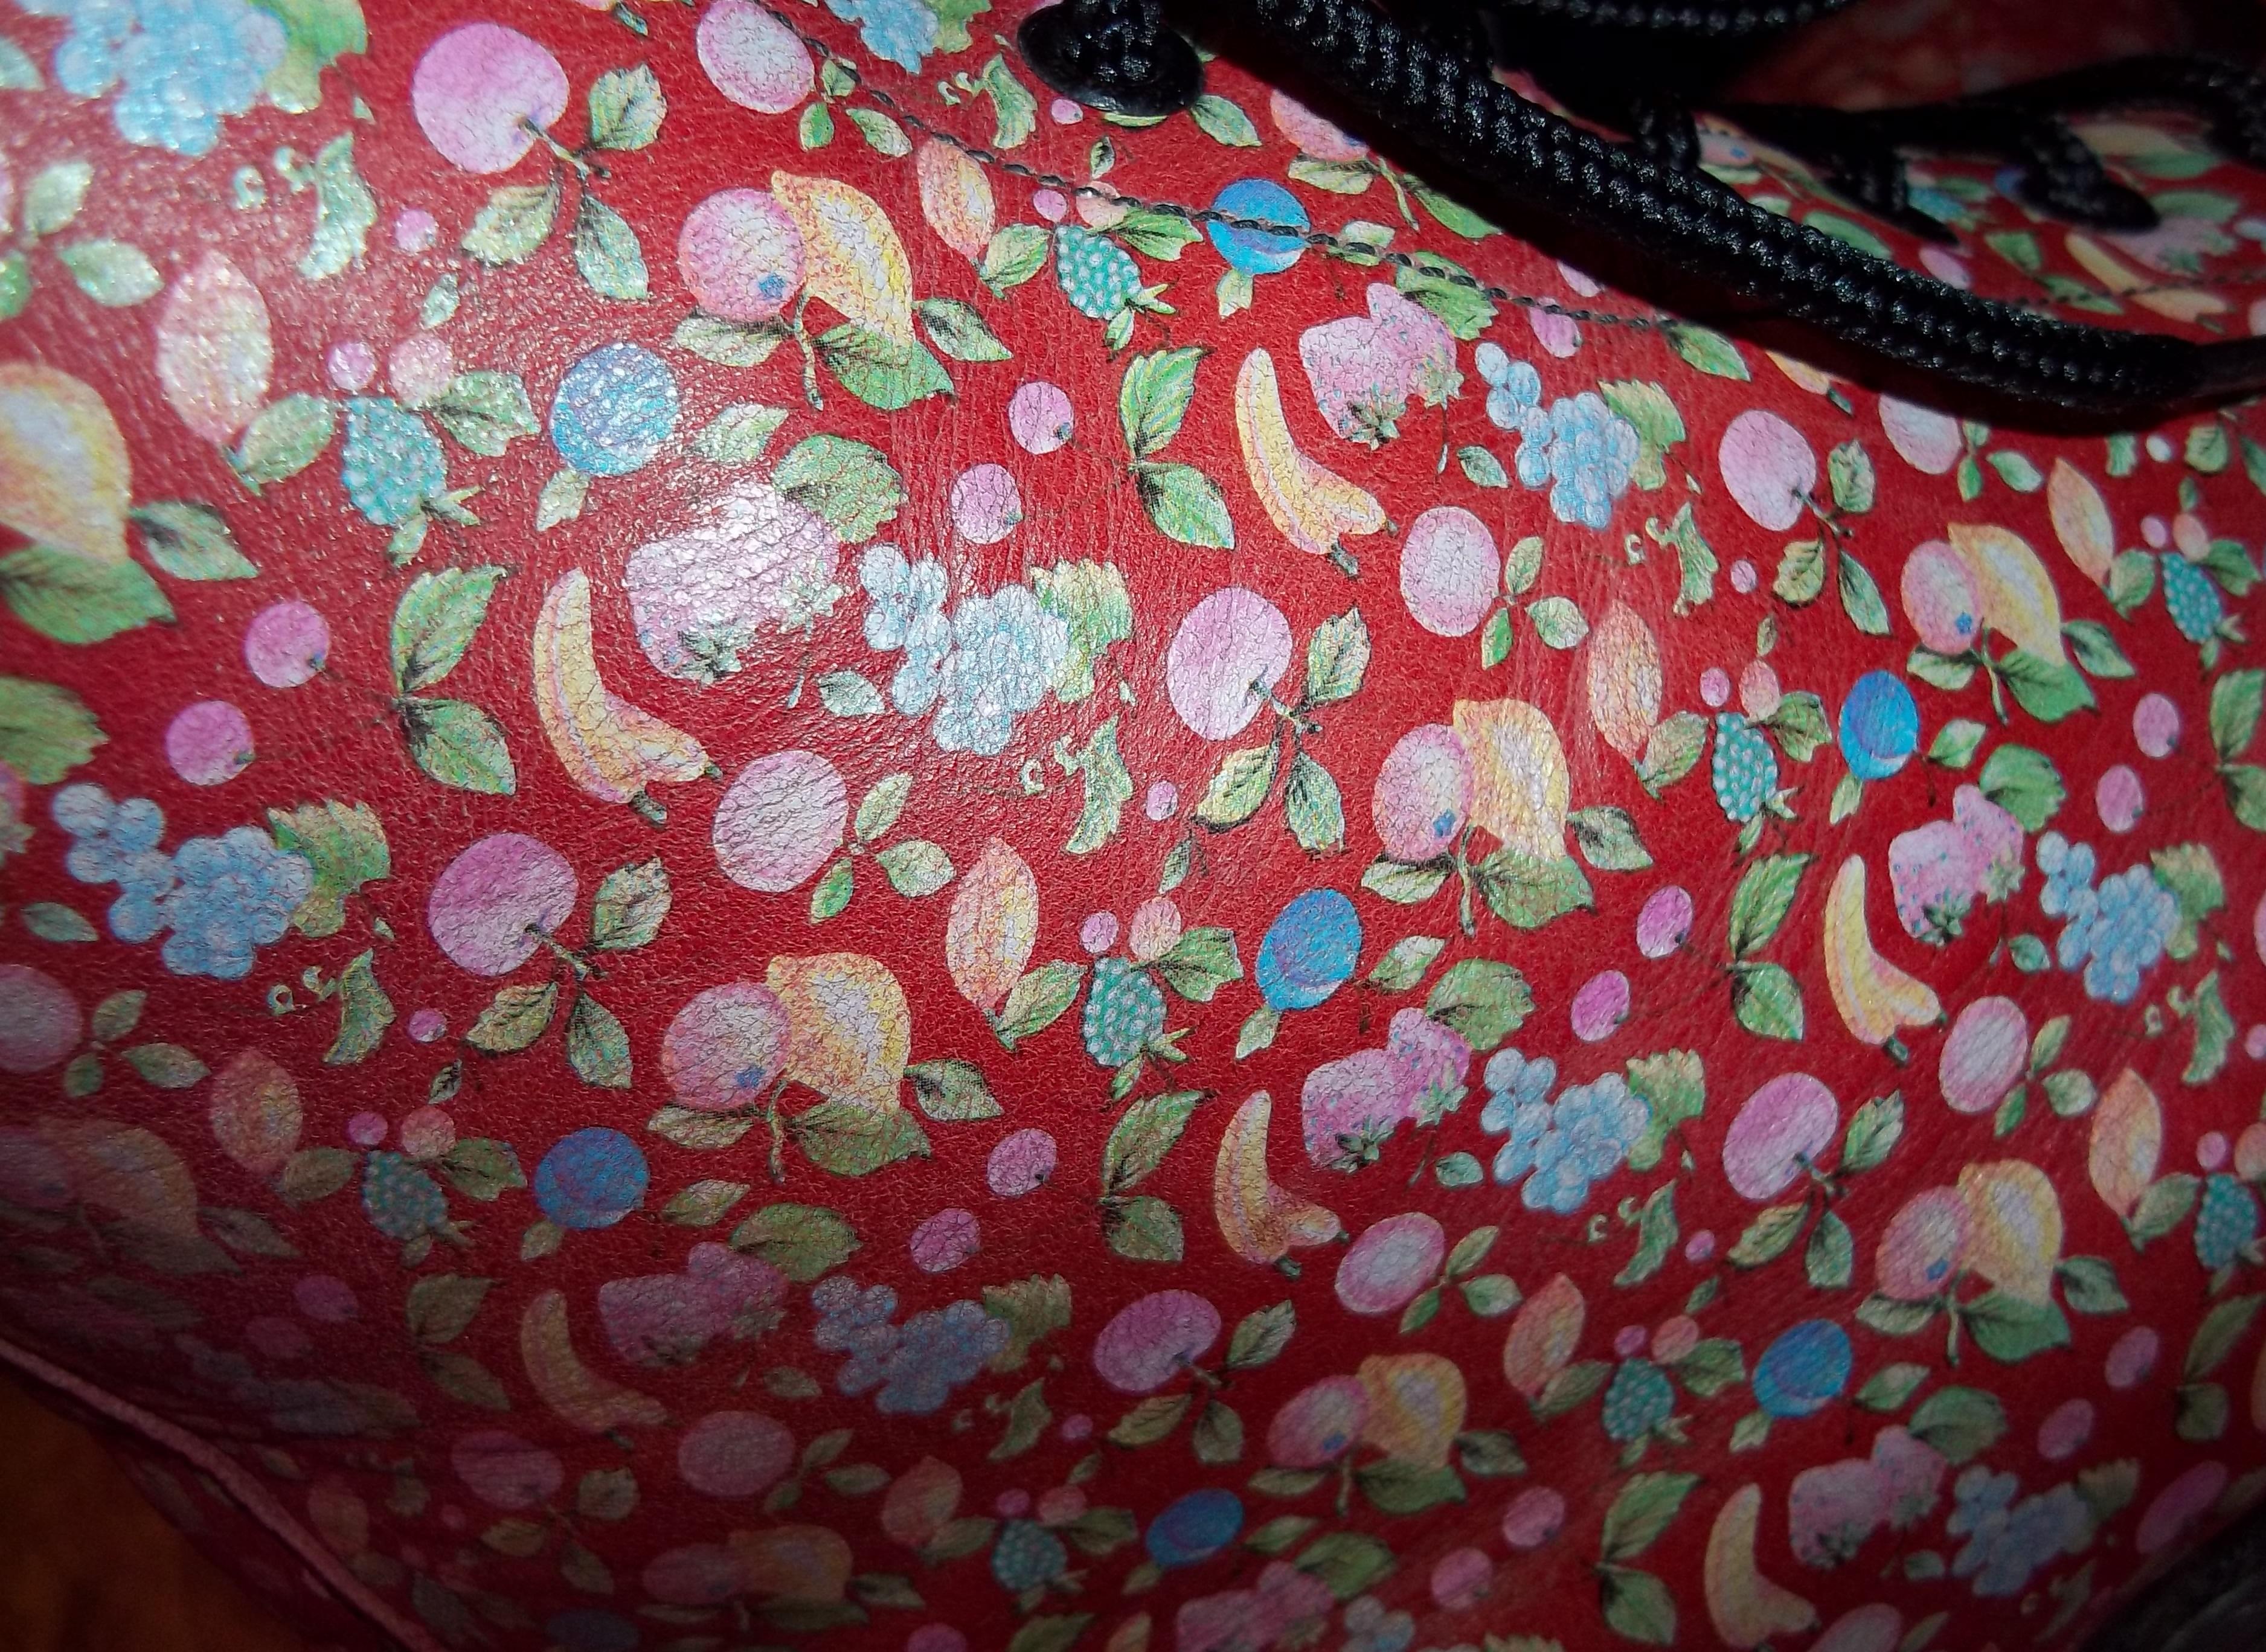 22005090ce1 ... RARE Vintage 90s Fruit Dr Doc Martens - Hippy Unique Floral - UK 7*EU  ...